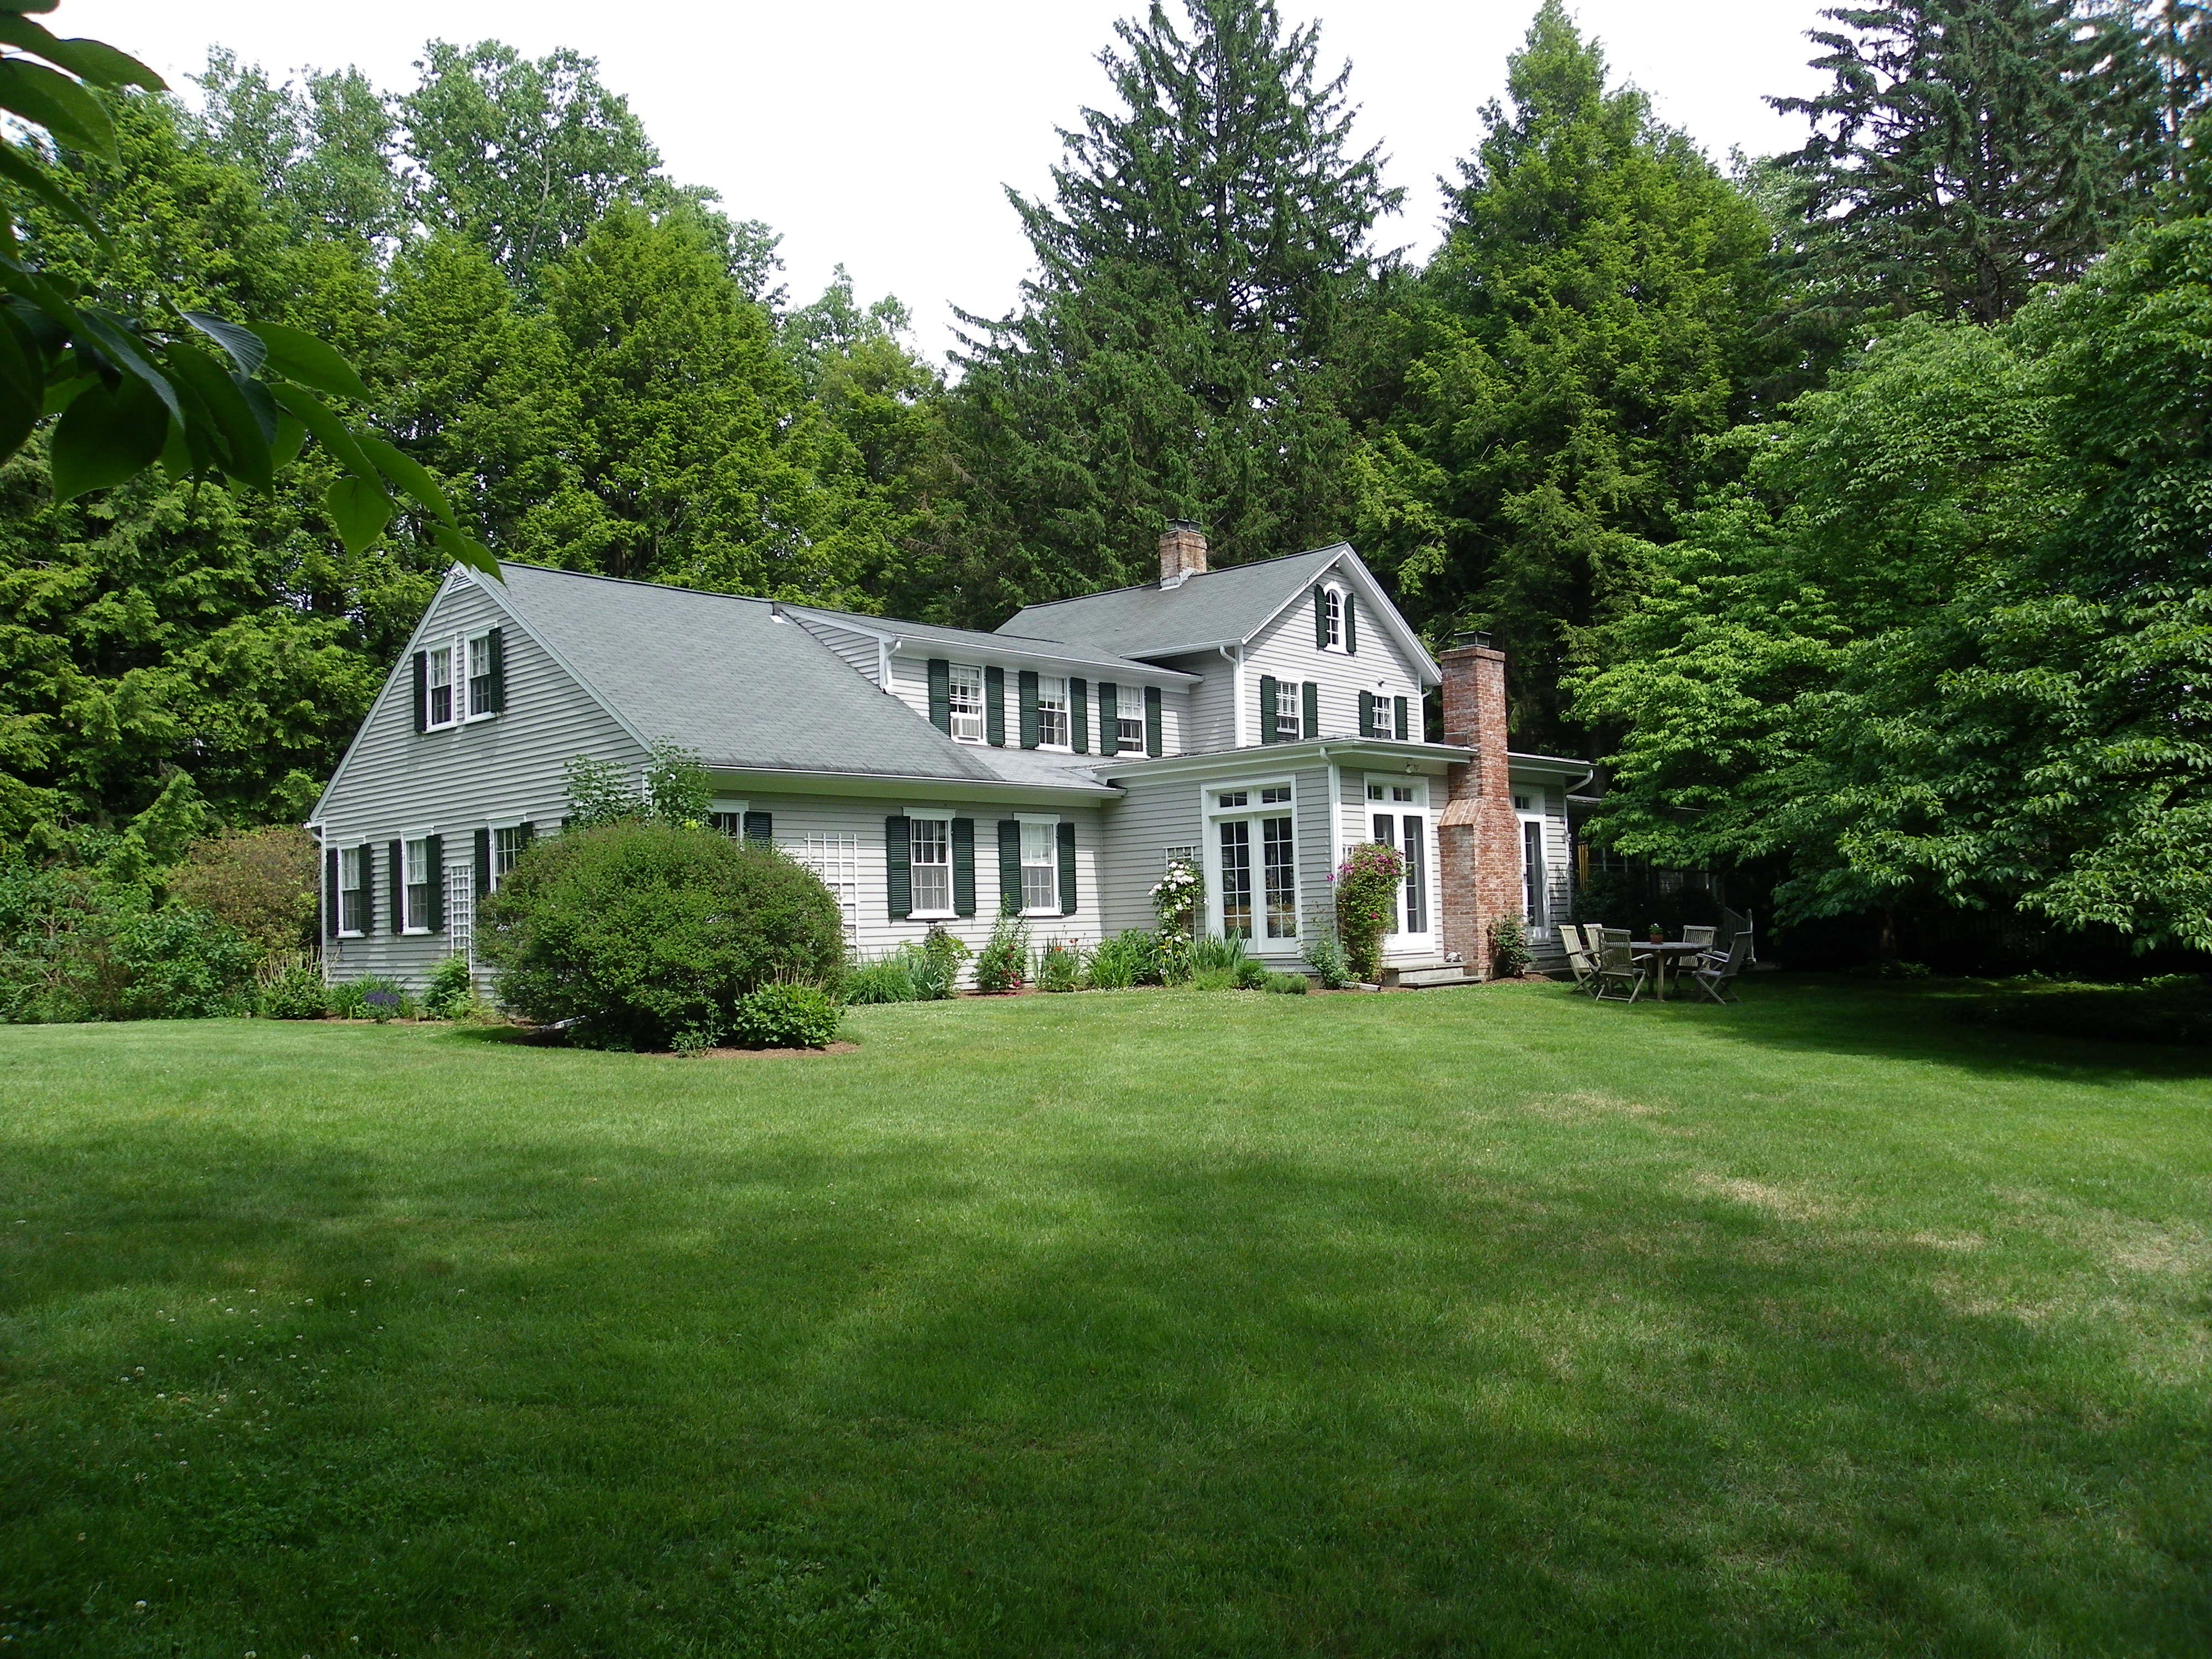 단독 가정 주택 용 매매 에 Farm House in Pastoral Setting 17 Old Rock Lane Norwalk, 코네티컷 06850 미국